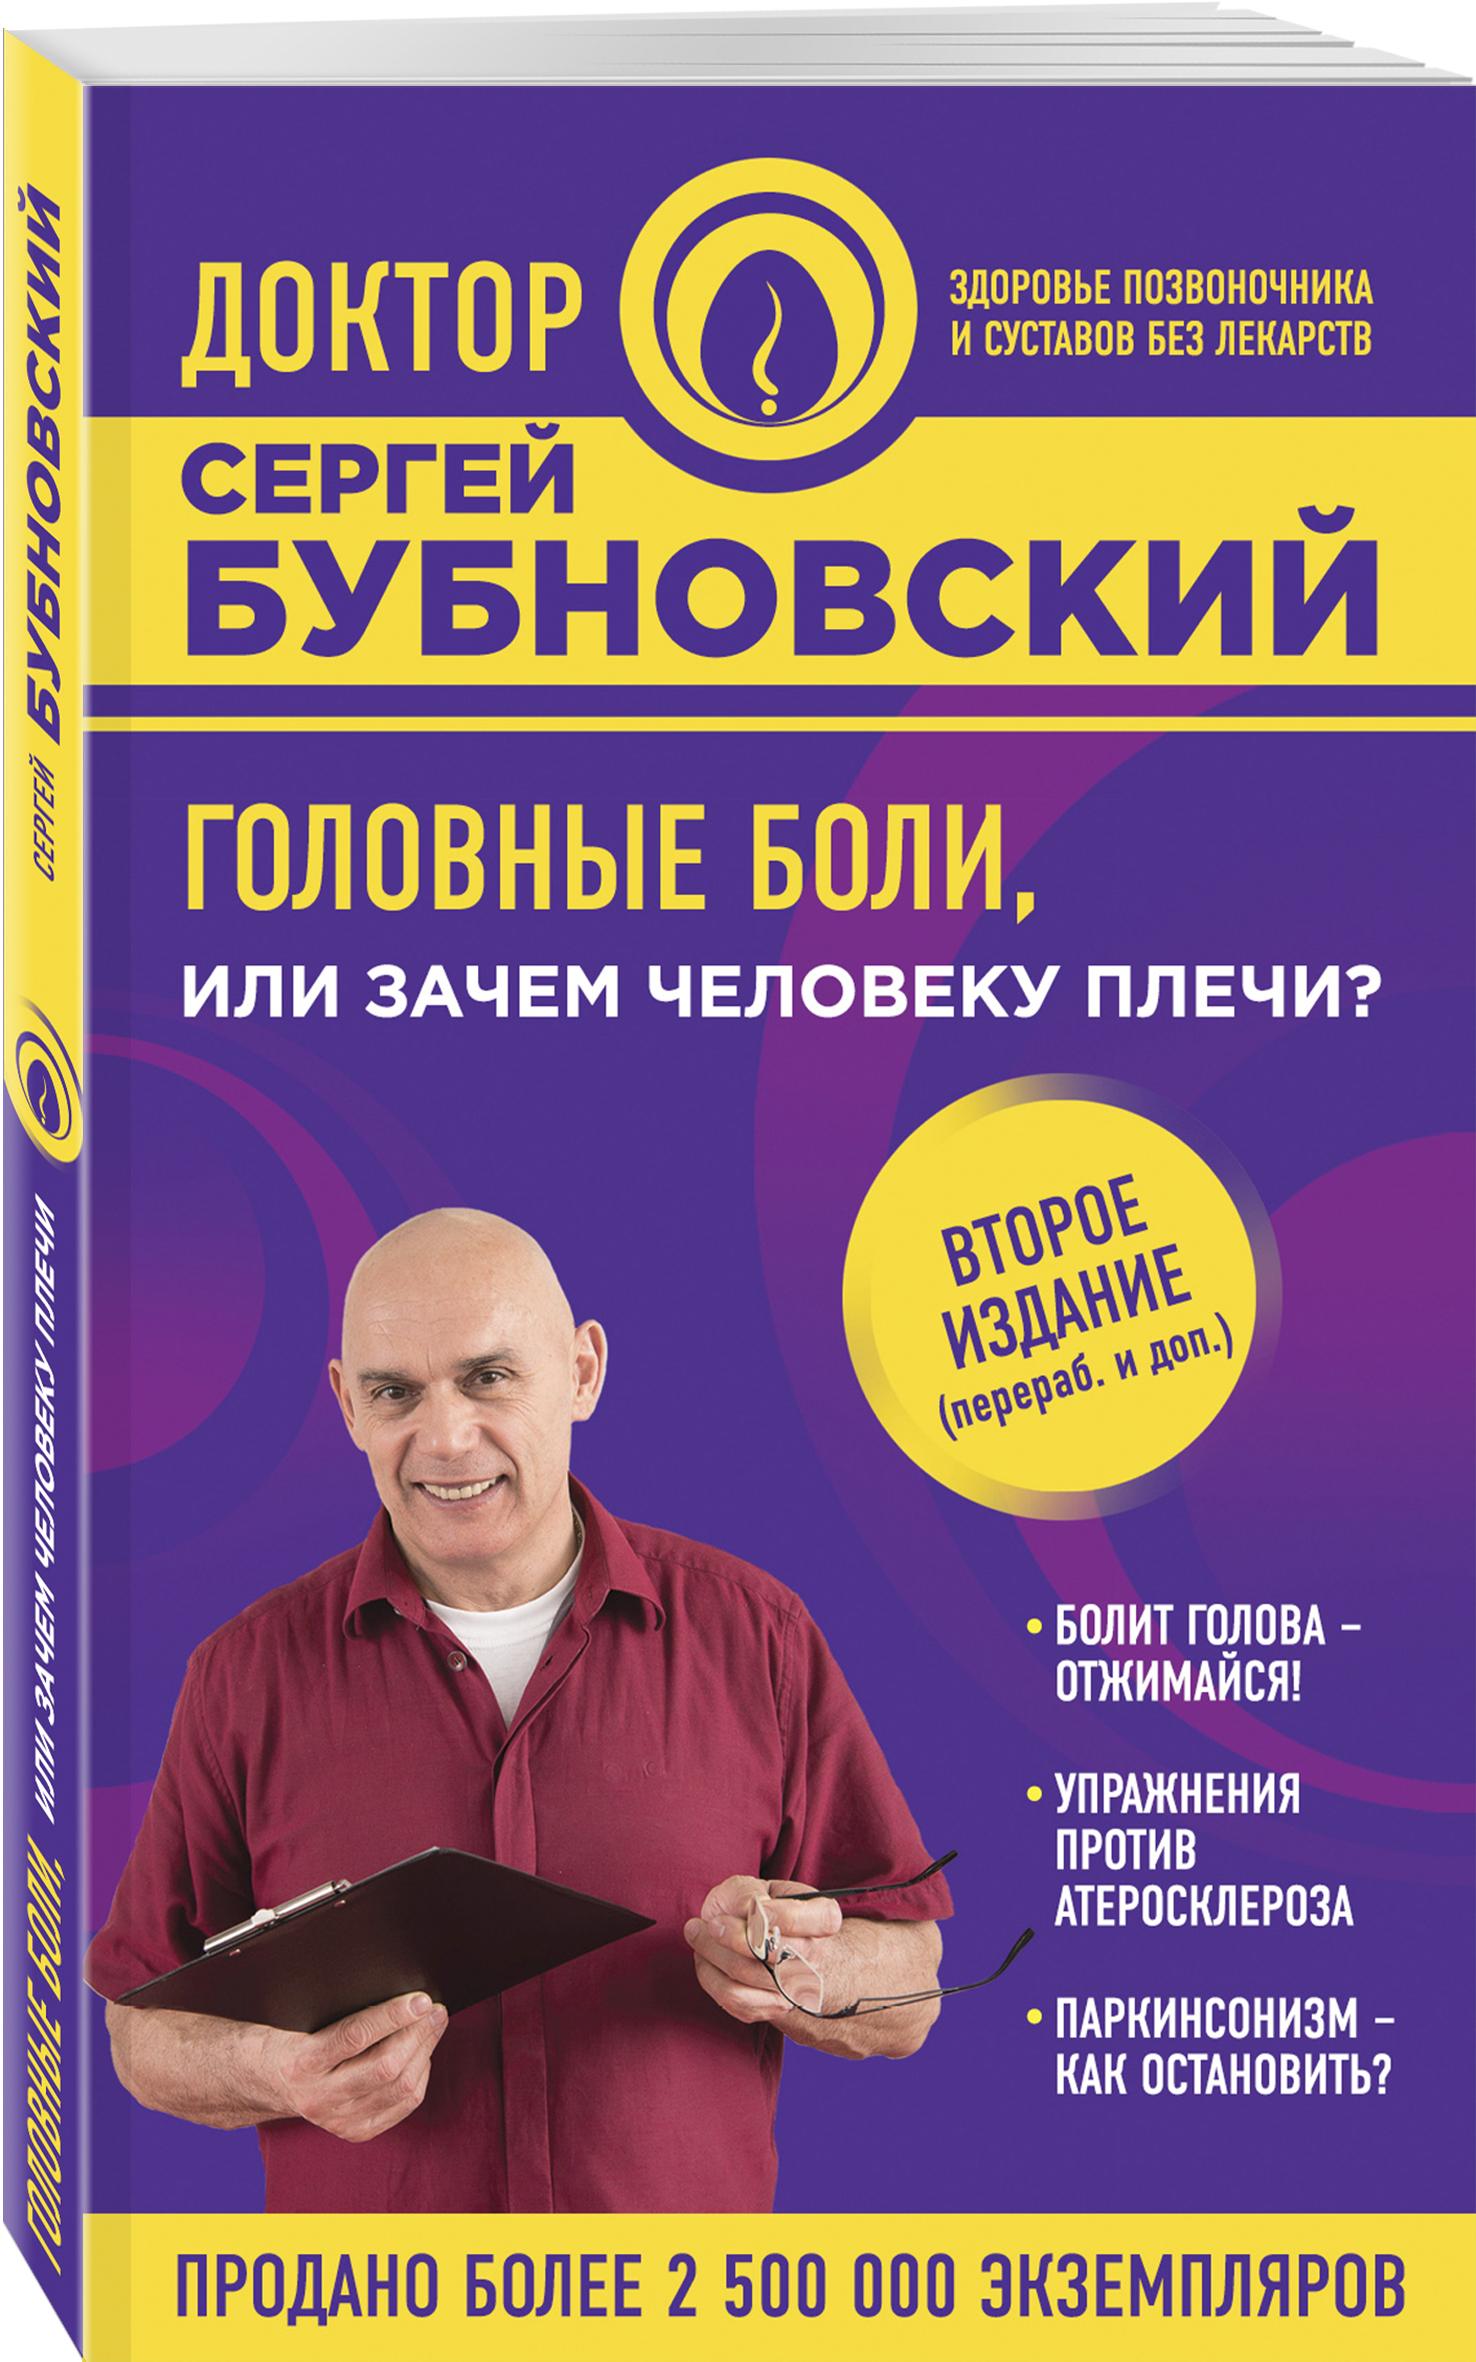 Бубновский С.М. Головные боли, или Зачем человеку плечи? 2-е издание кинезитерапия доктор бубновский тренажер